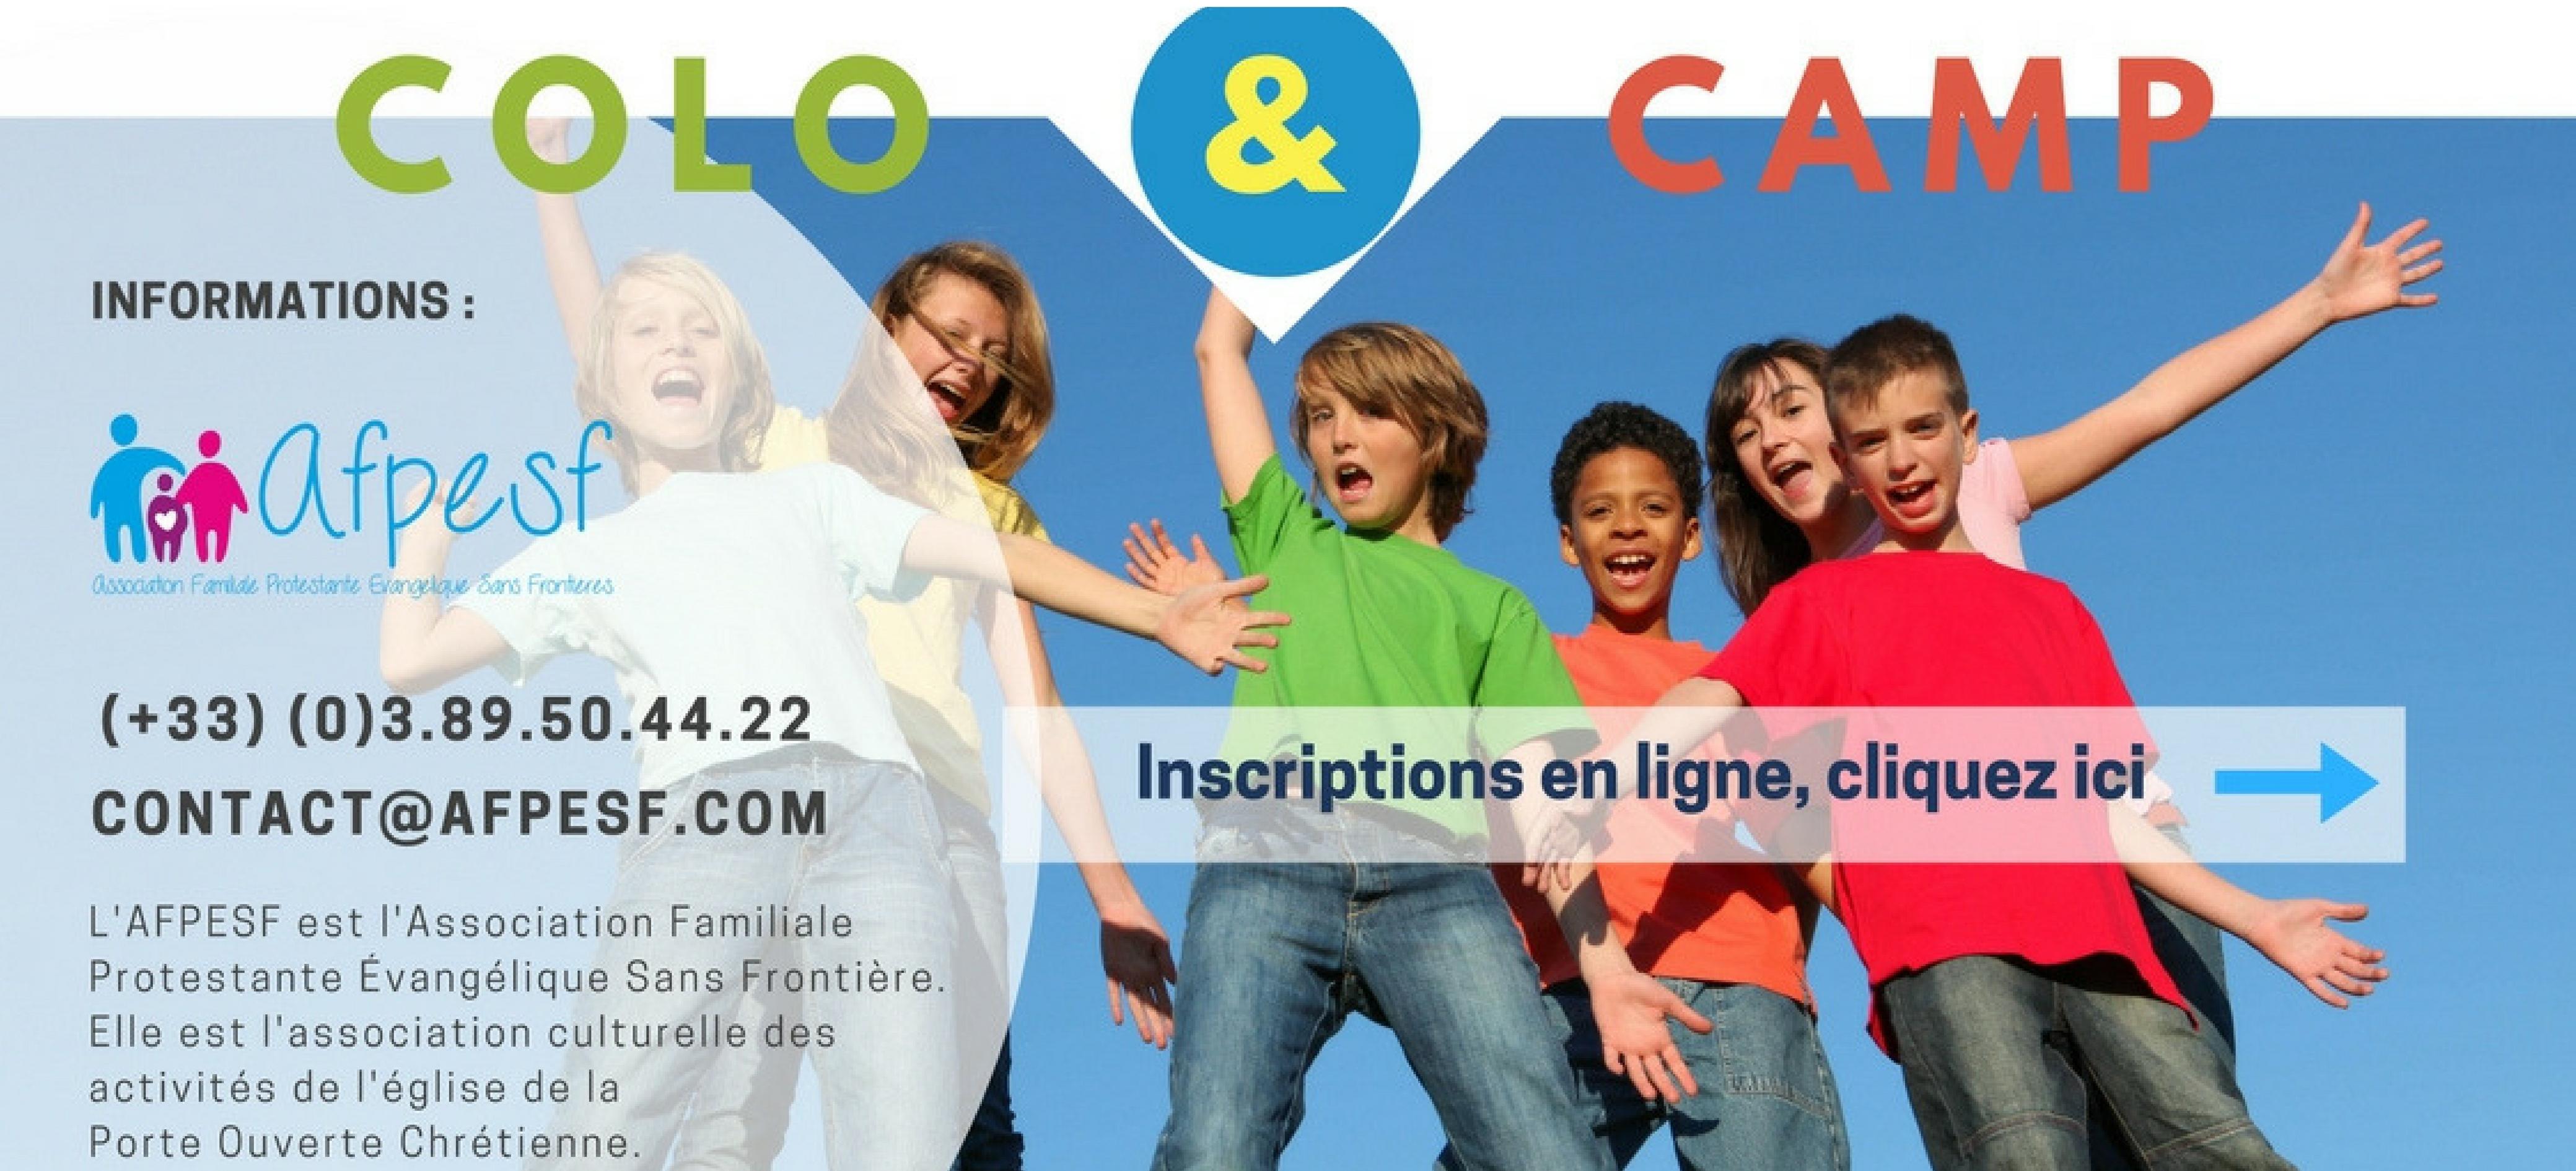 Nouvelle g n ration page d 39 accueil nouvelle g n ration - Culte en direct mulhouse porte ouverte ...